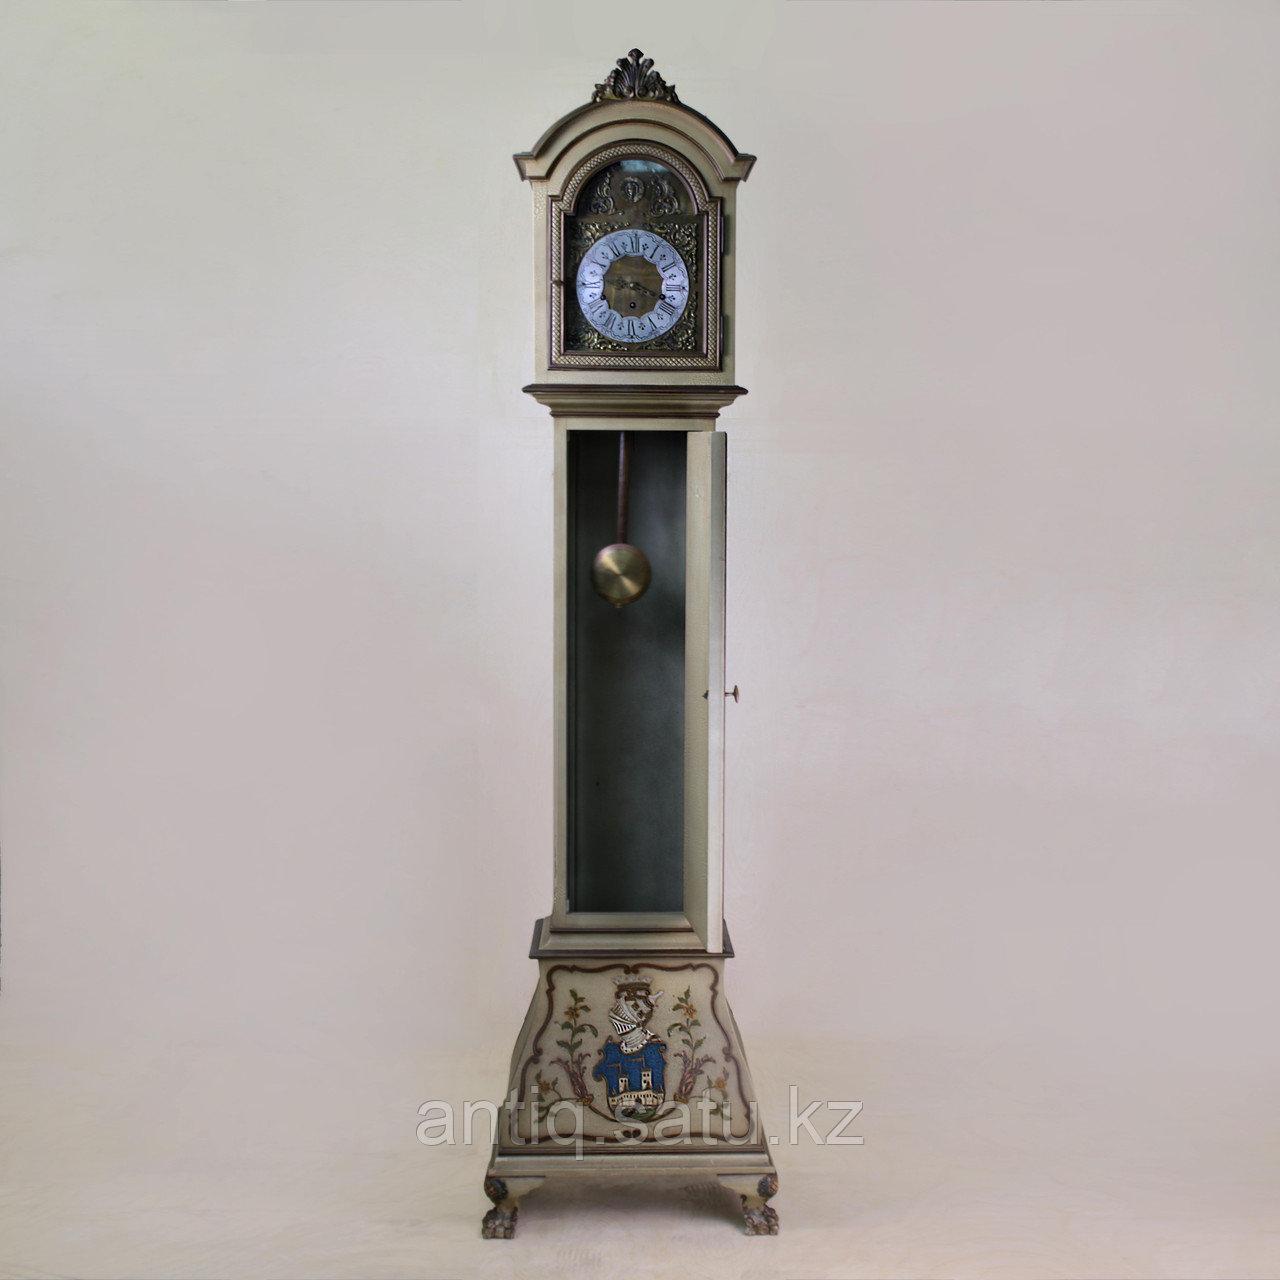 Напольные часы с рыцарским гербом. Германия. Середина ХХ века - фото 2